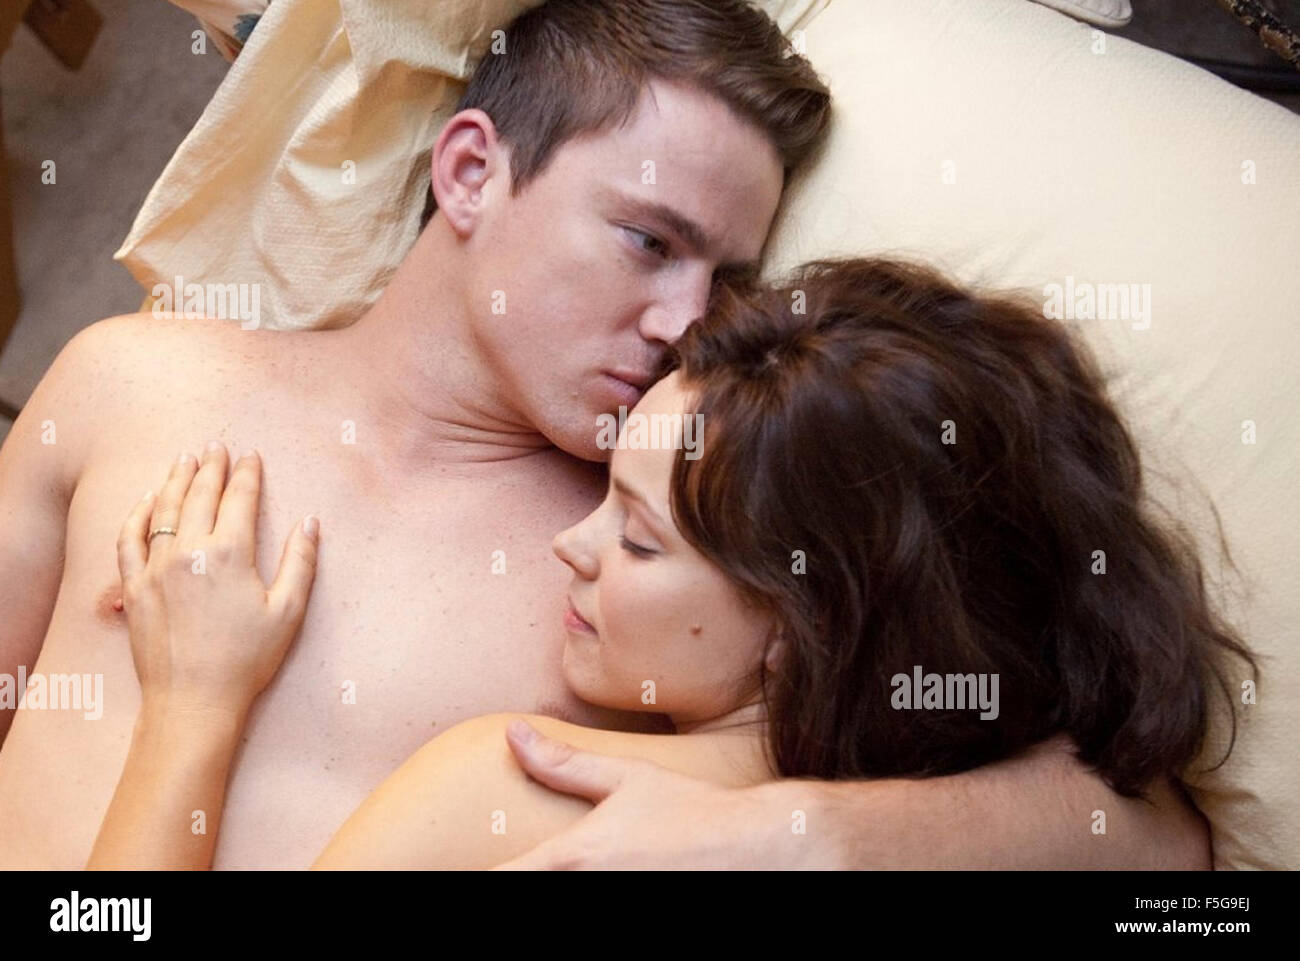 DIE Gelübde 2012 Columbia Pictures Film mit Rachel McAdams und Channing Tatum Stockfoto